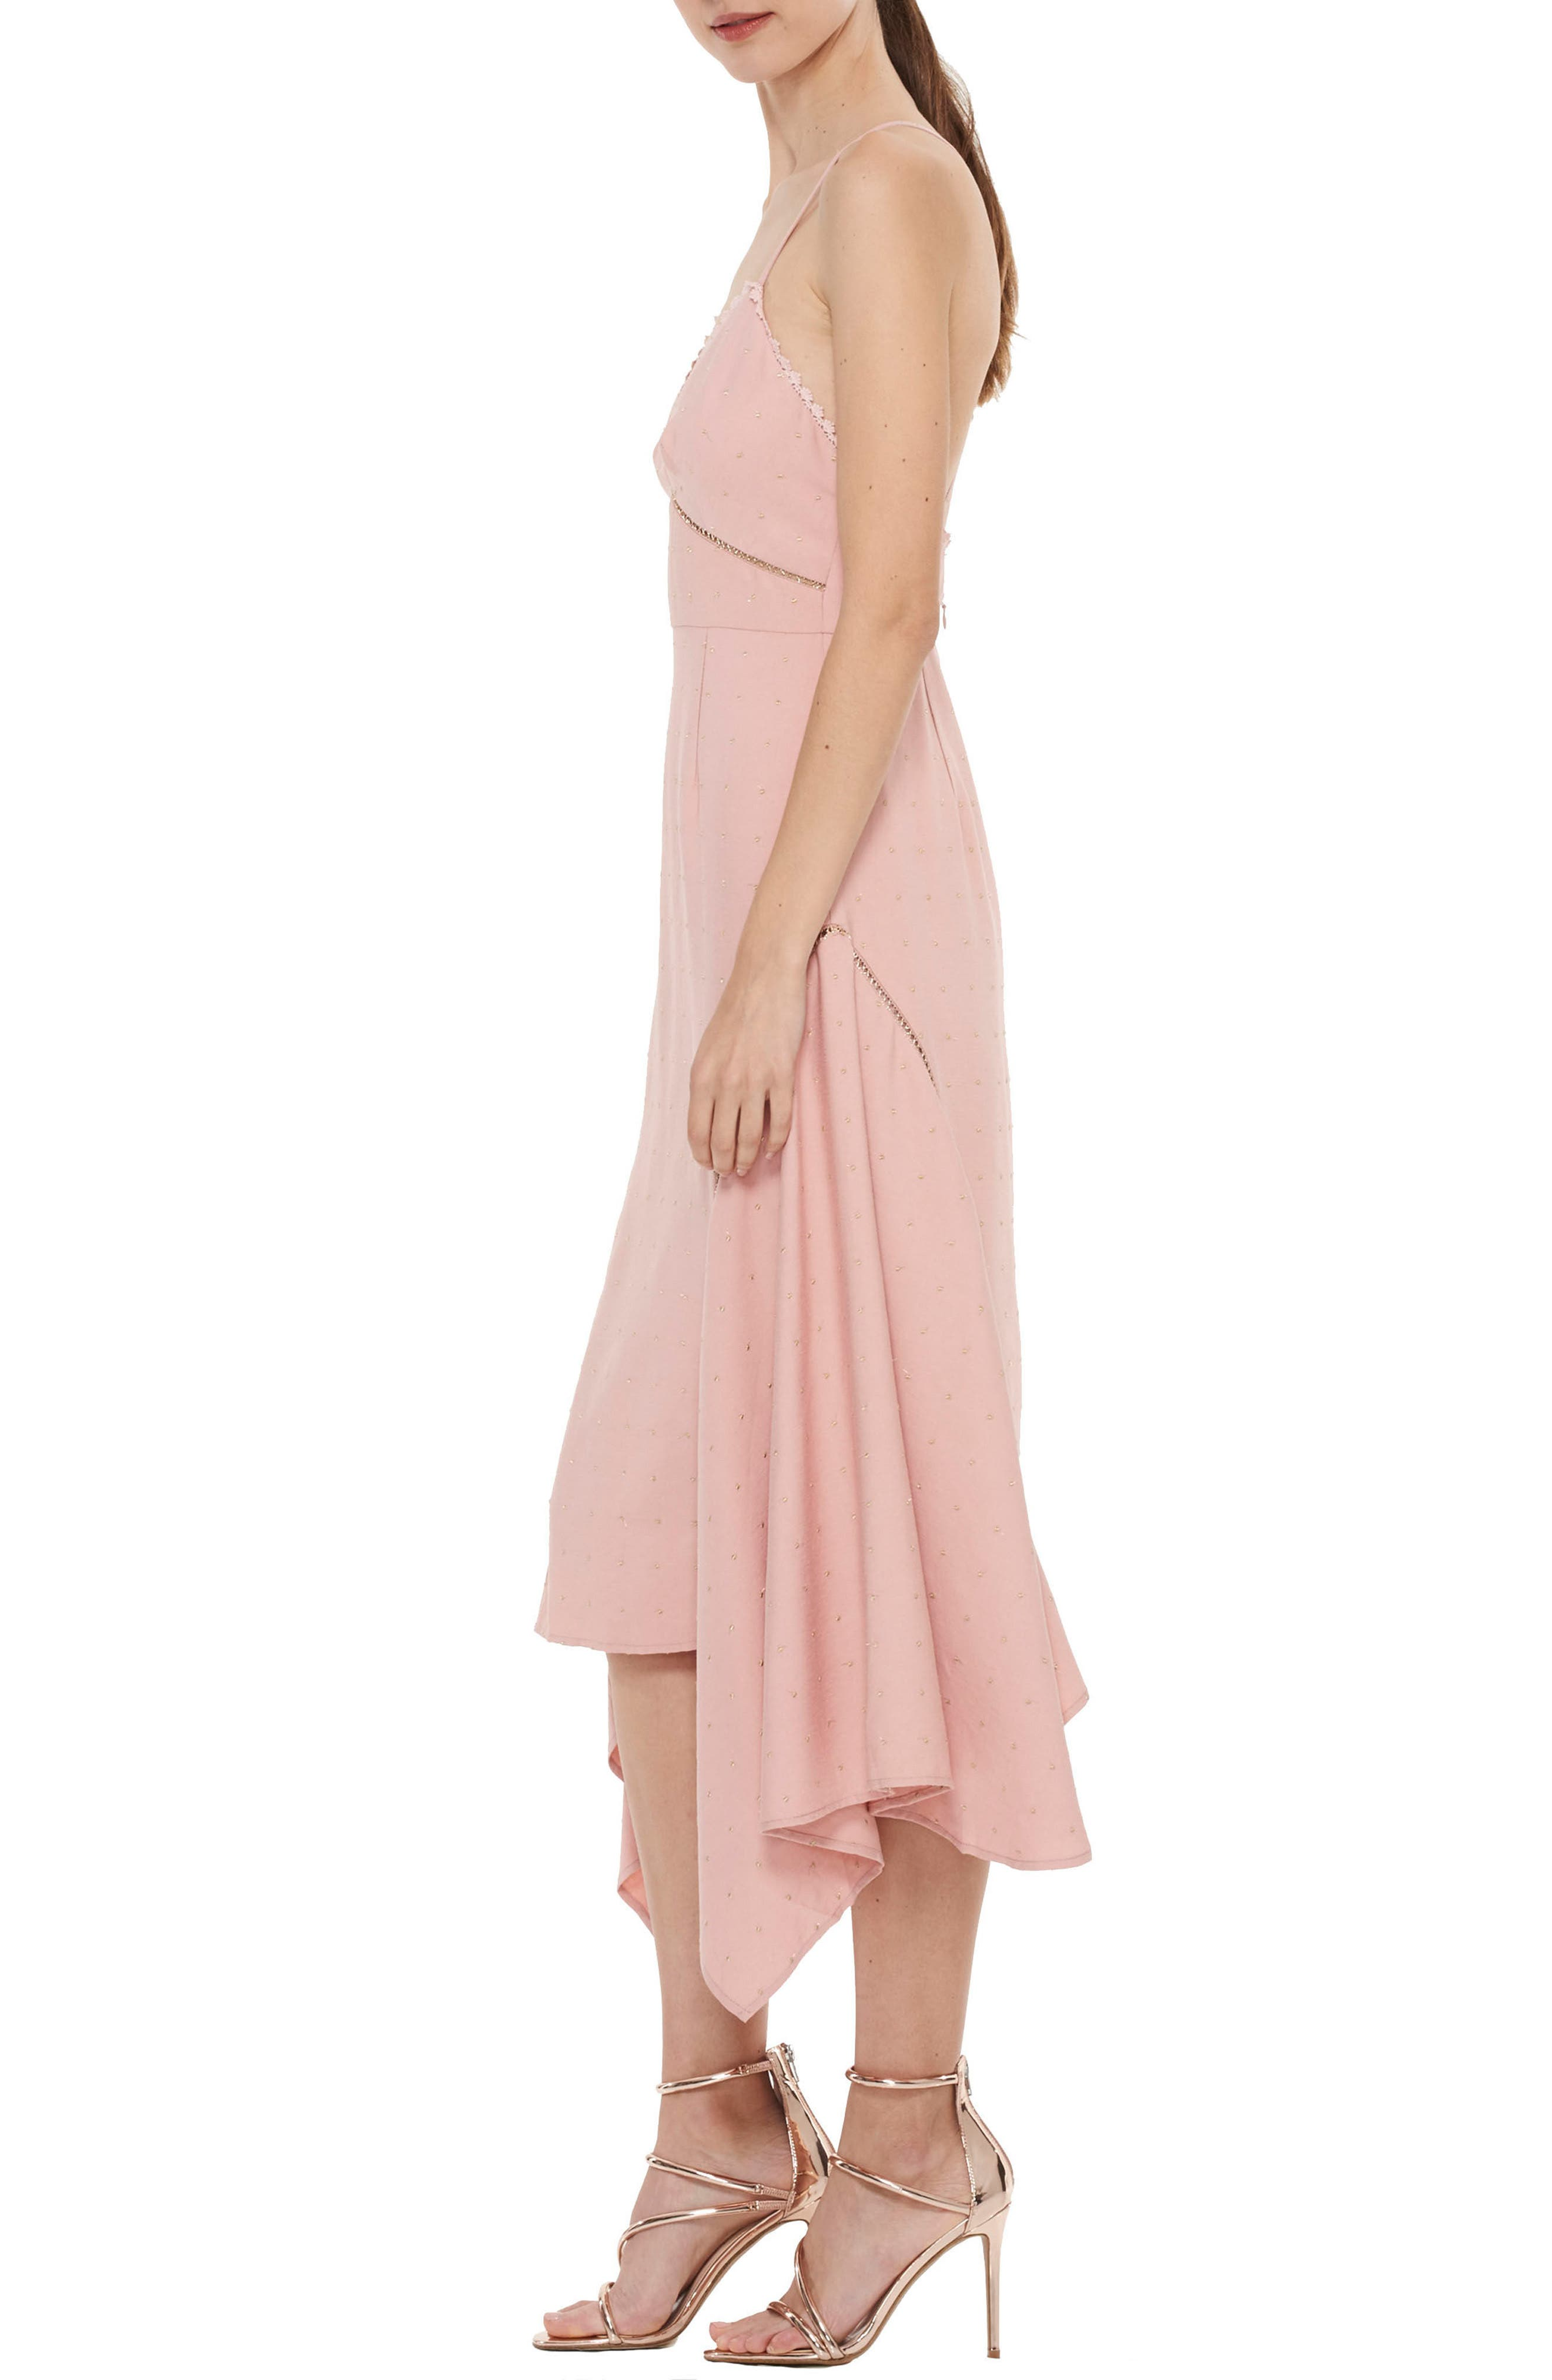 Penelope Embellished Godet Dress,                             Alternate thumbnail 3, color,                             Rose Dust W Gold Spot